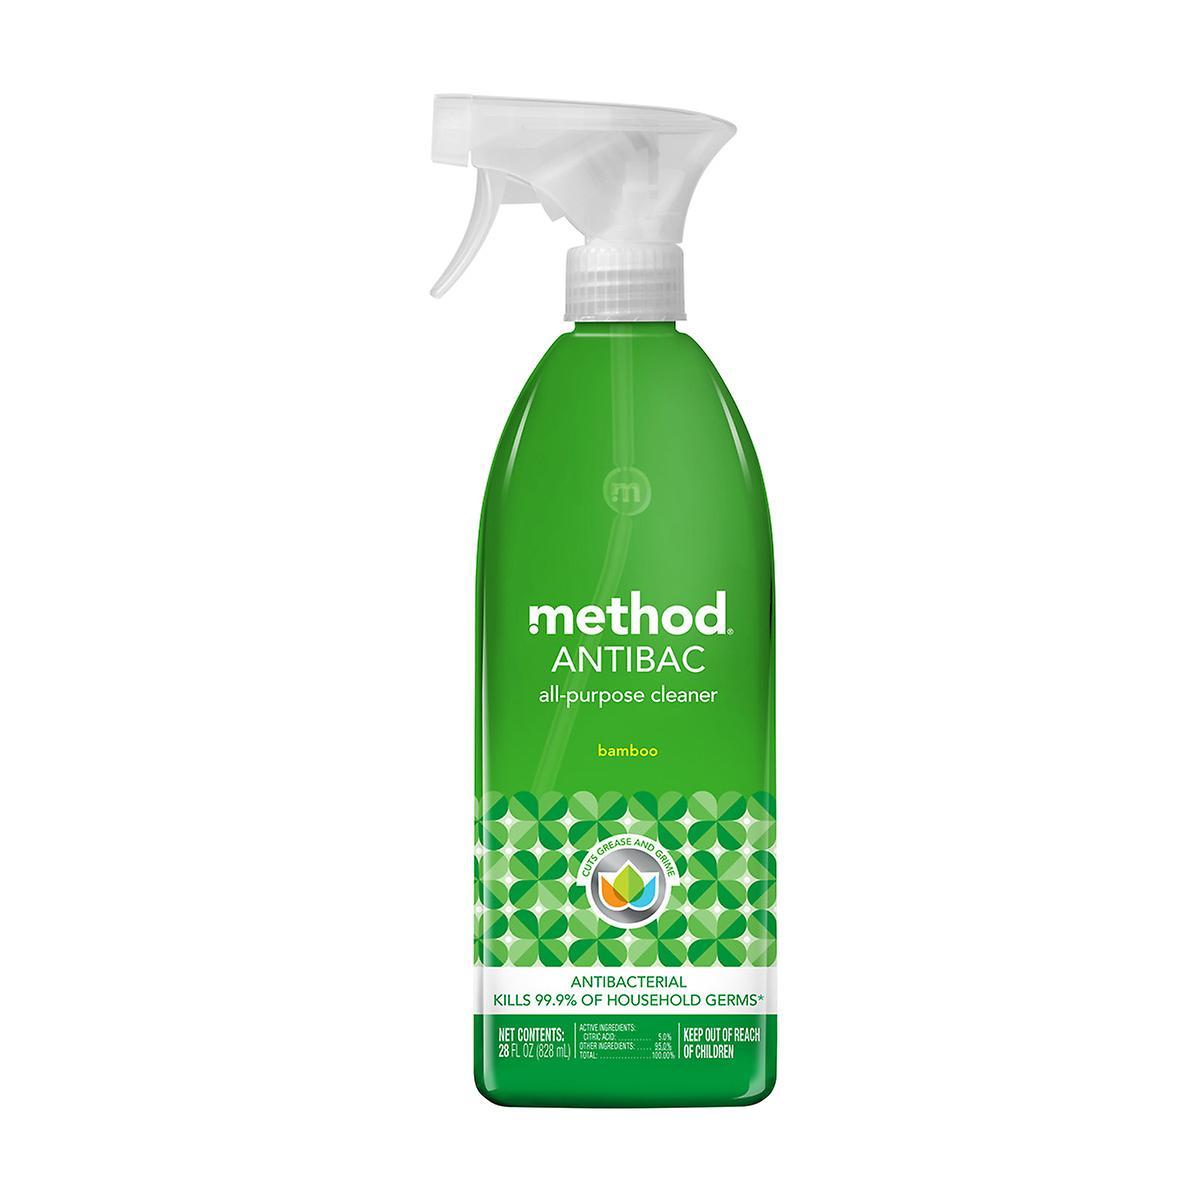 Method 28 oz. Bamboo Antibacterial All-Purpose Cleaner